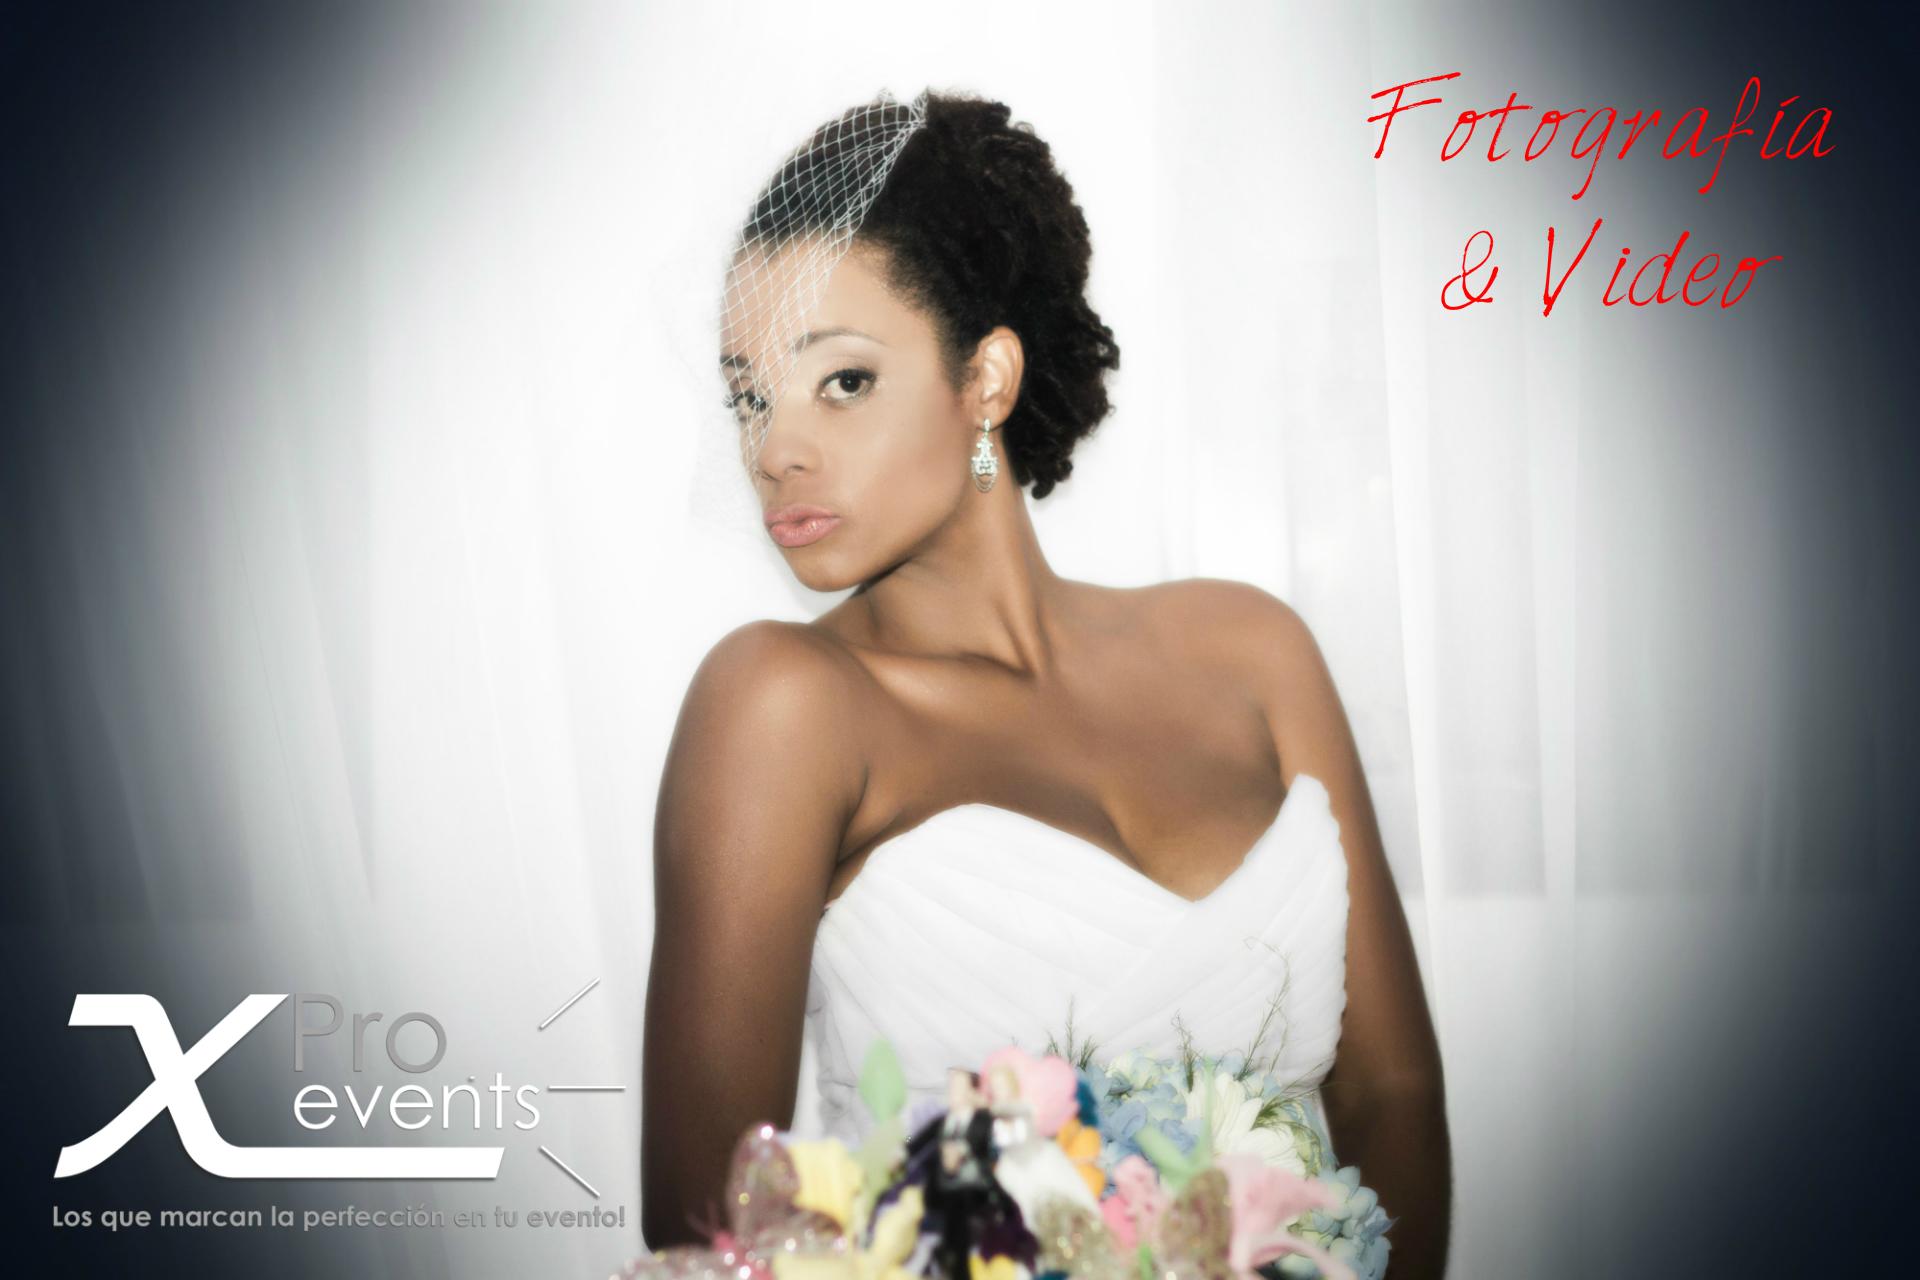 www.Xproevents.com - Fotografia y video para bodas y eventos.jpg